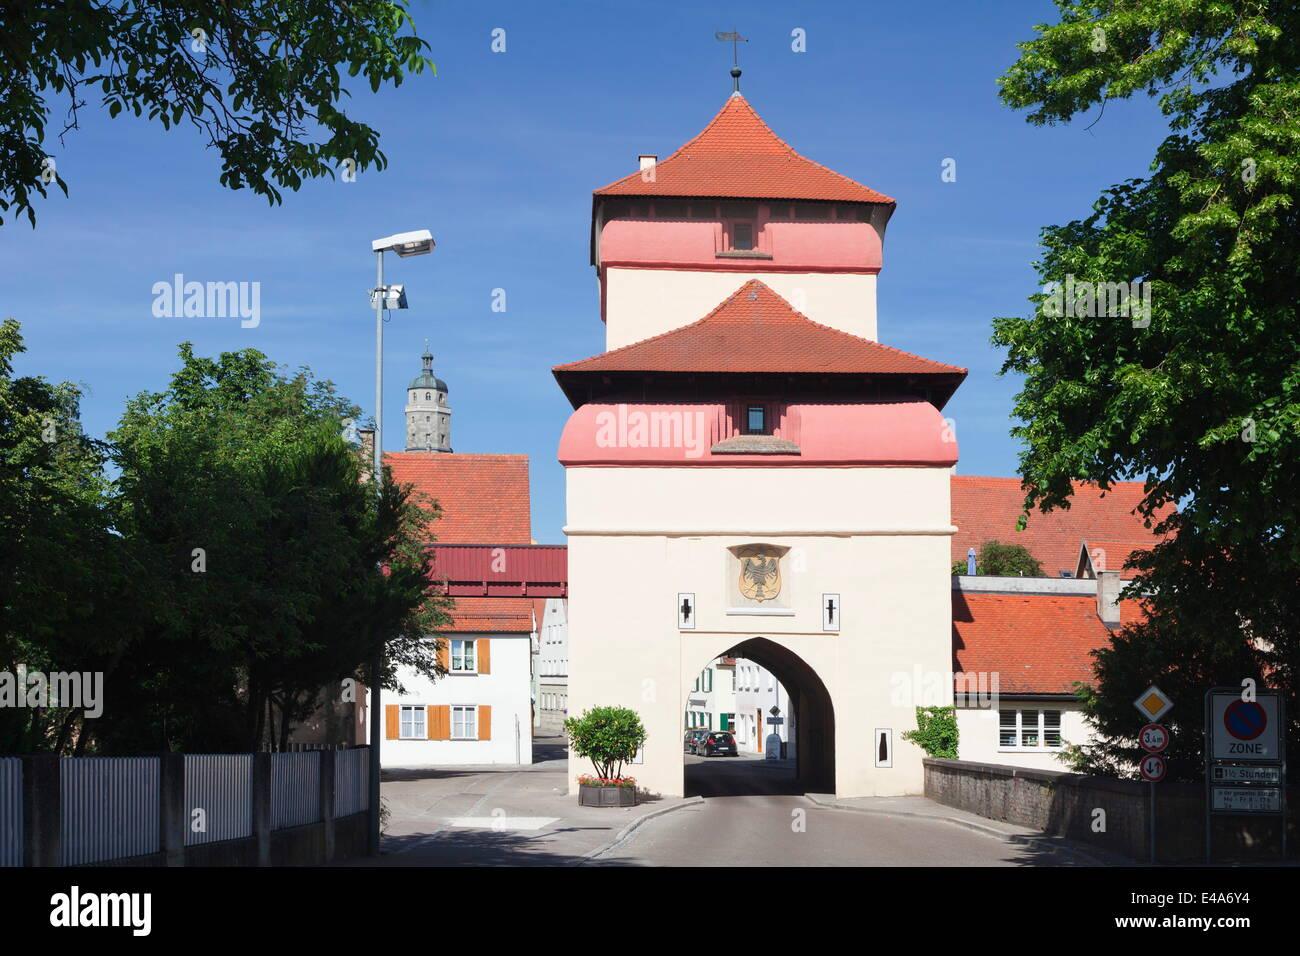 Reimlinger Tor gate, Nordlingen, Romantic Road, Bavarian Swabia, Bavaria, Germany, Europe - Stock Image